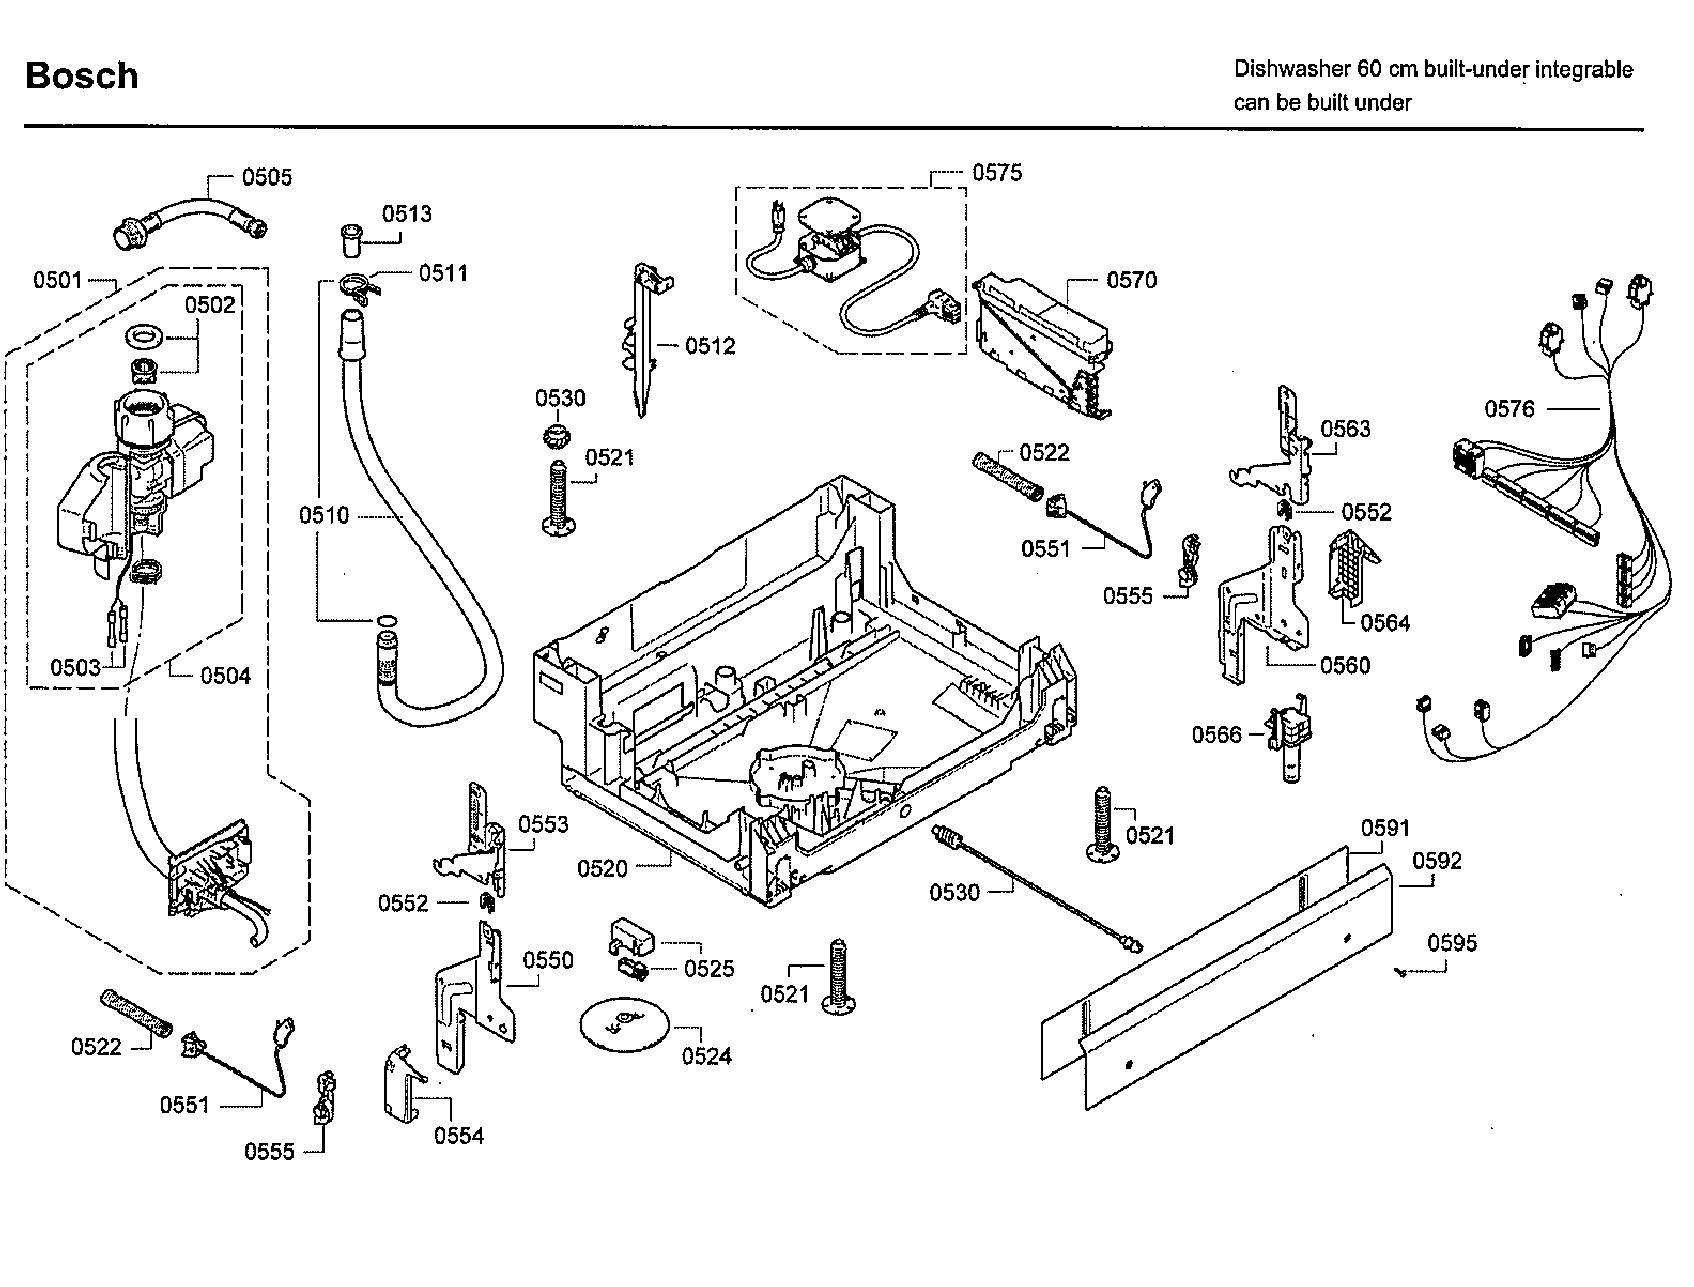 Bosch model SHX7ER55UC/73 dishwasher genuine parts